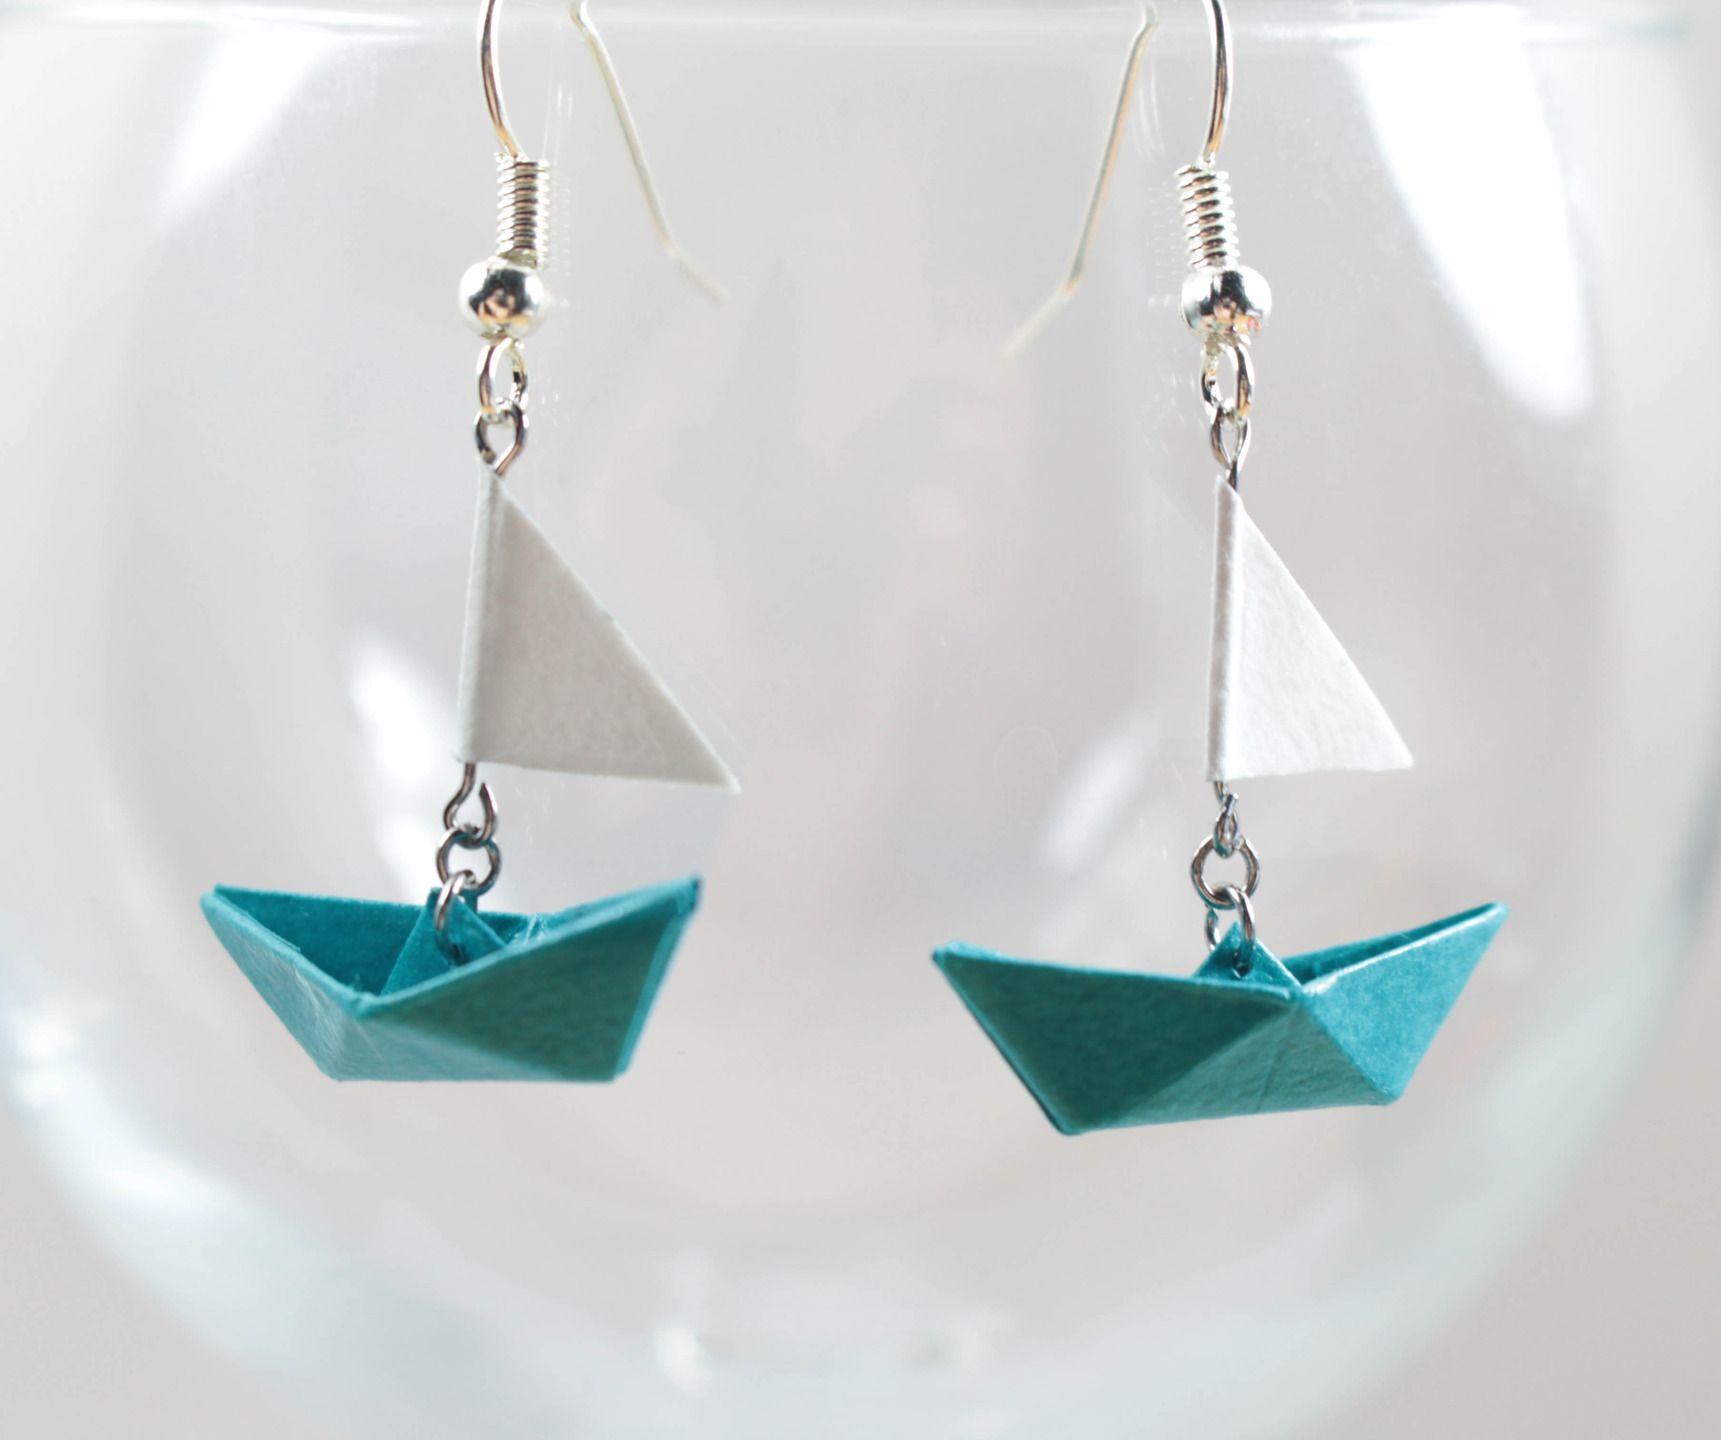 boucles d 39 oreilles bateau voile origami en papier. Black Bedroom Furniture Sets. Home Design Ideas